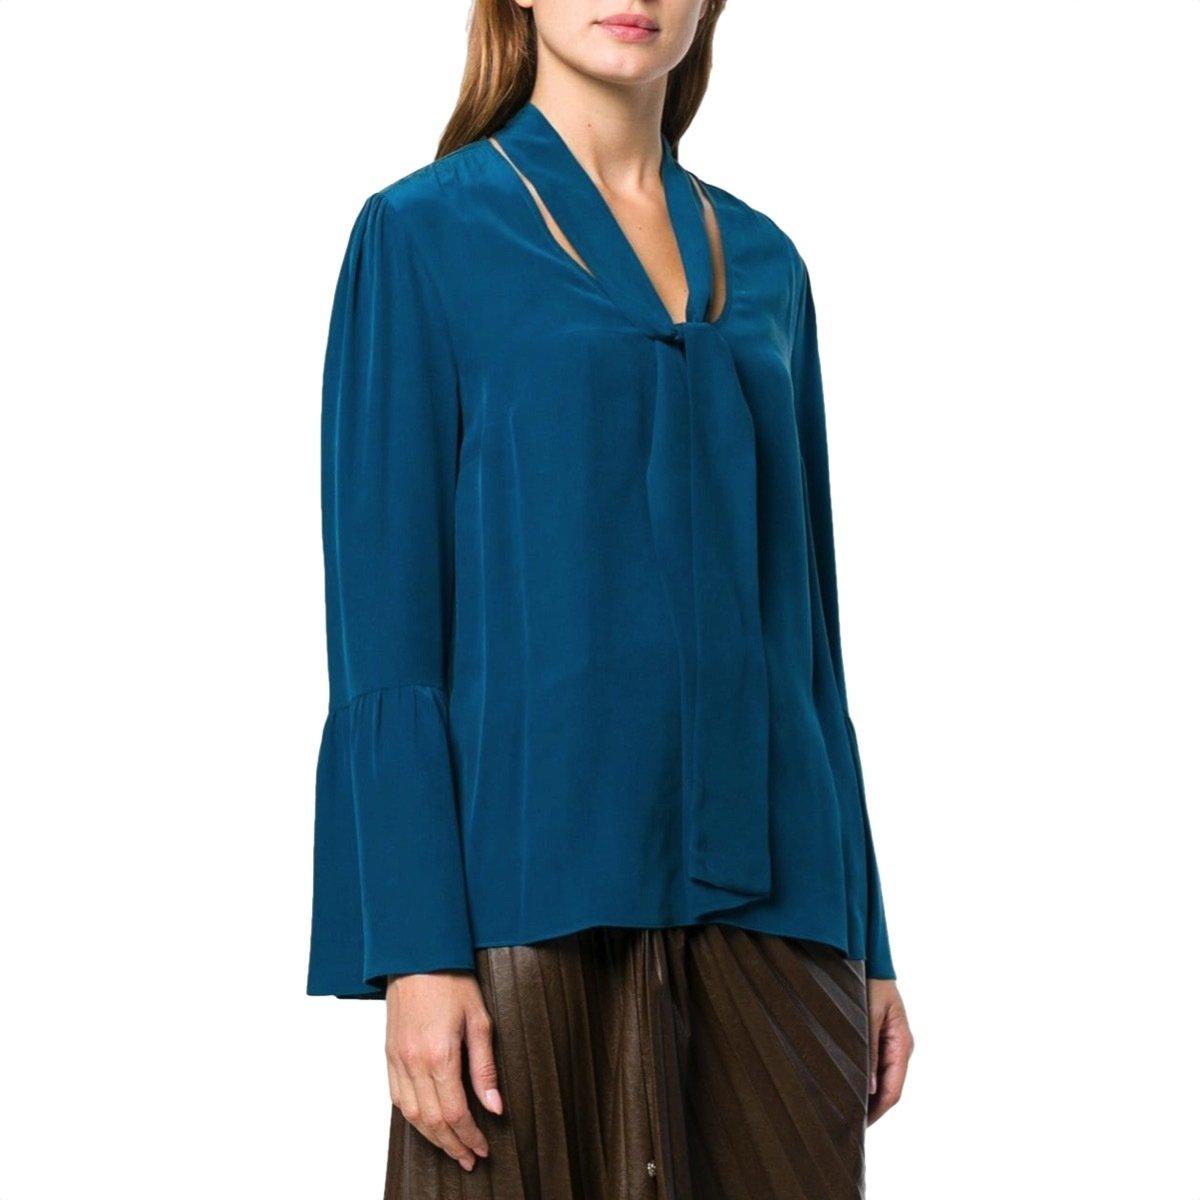 MICHAEL KORS - Camicia seta con collo a foulard - Luxe Teal